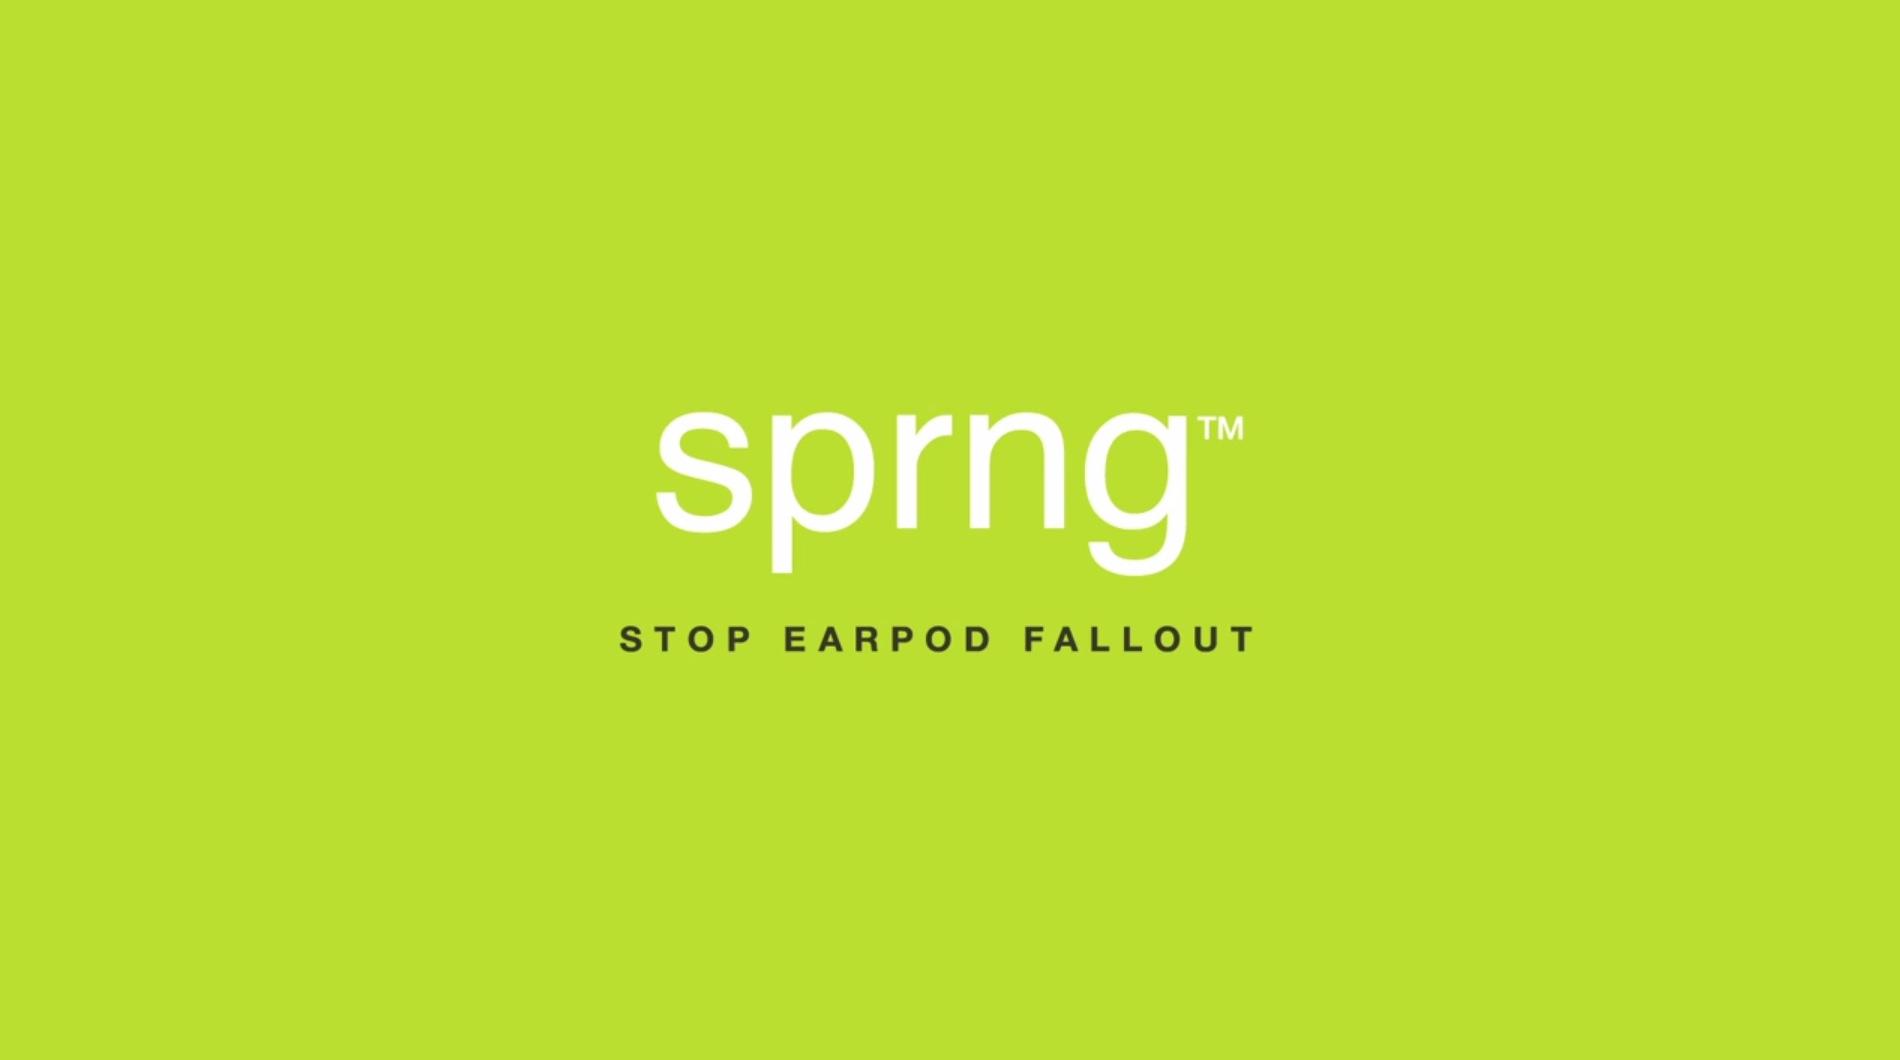 アップル純正イヤホン(Earpods)の耳ズレ防止クリップ「Sprng™」がいいね